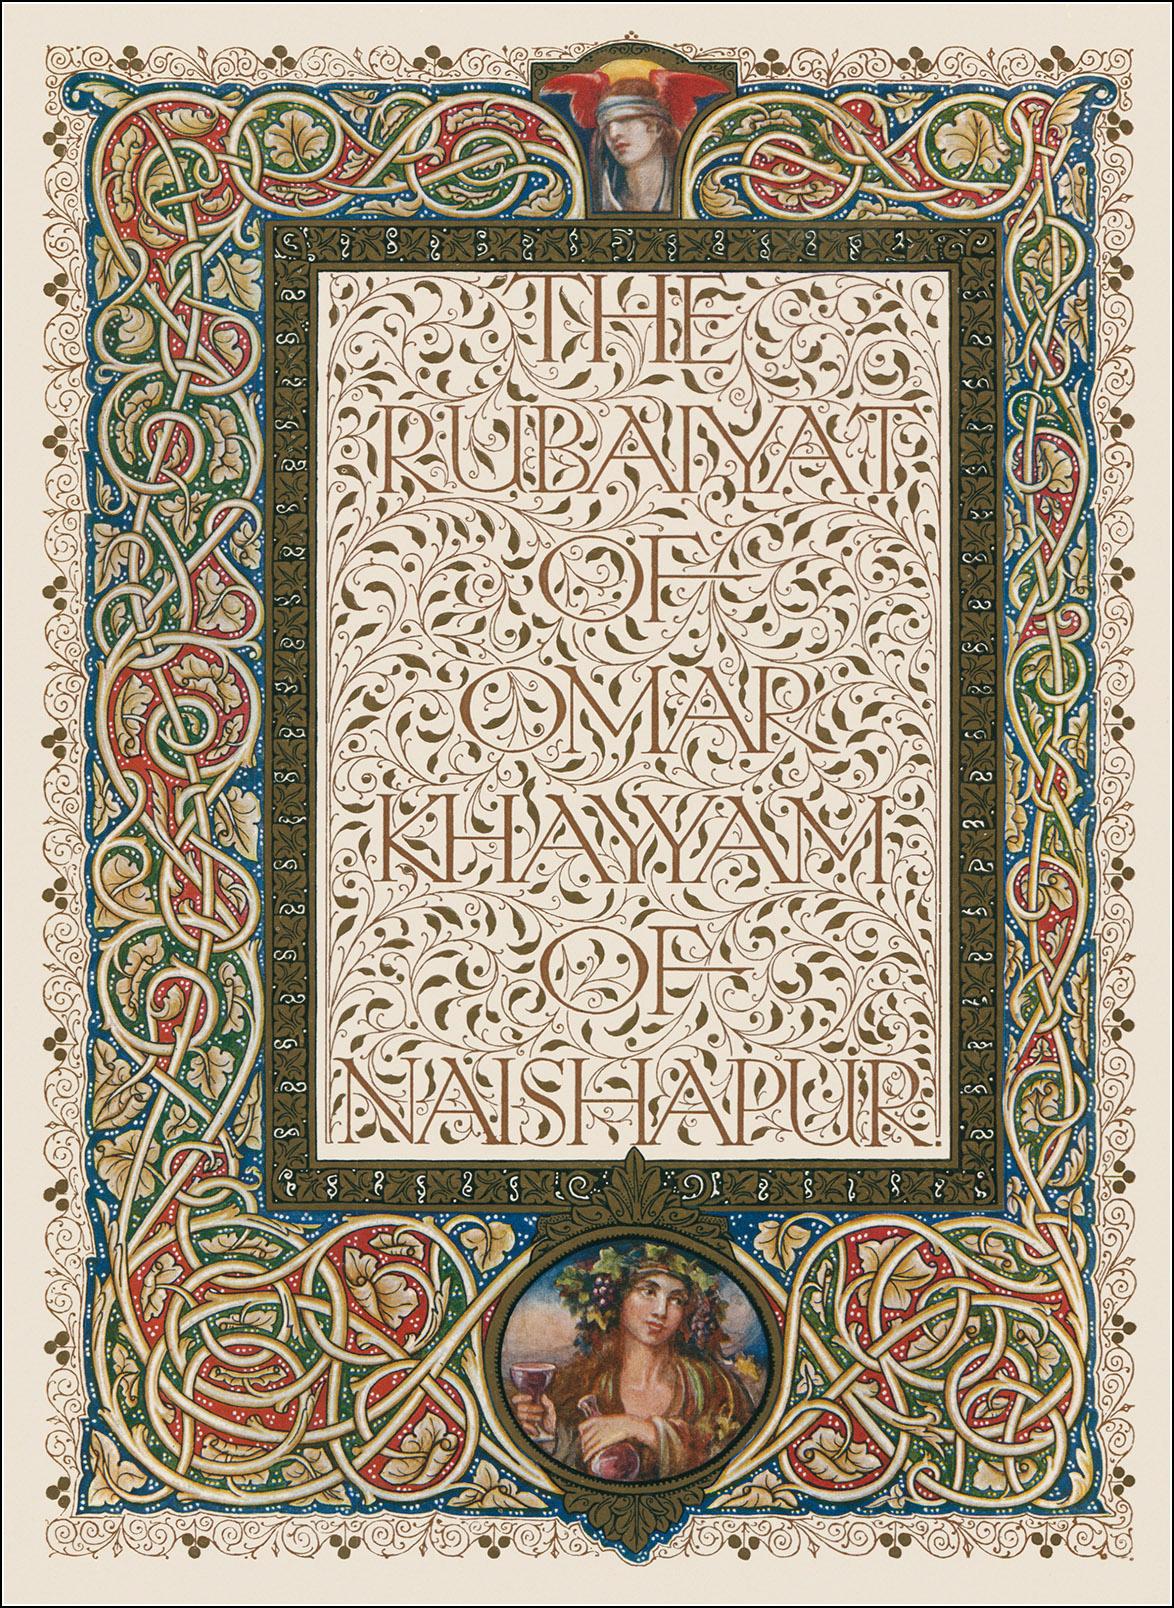 F. Sangorski & G. Sutcliffe, Rubaiyat of Omar Khayyam